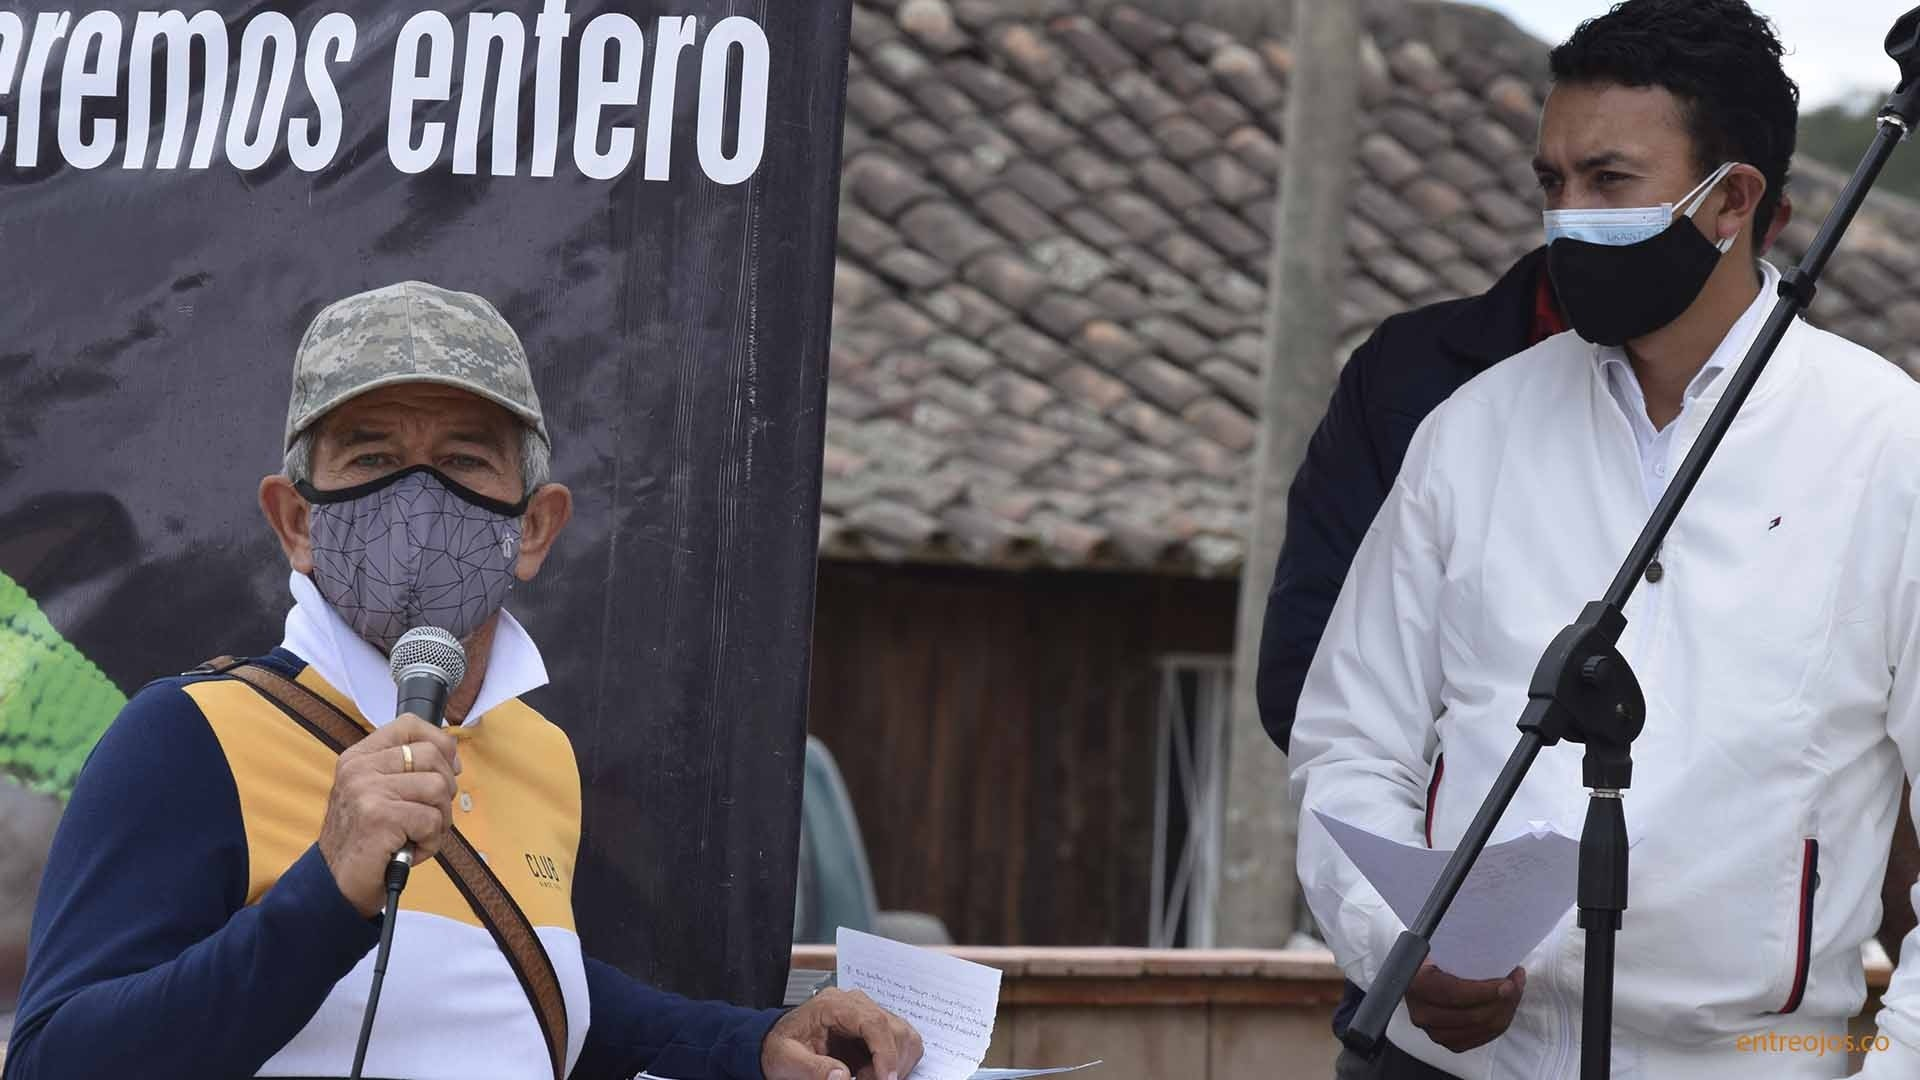 Foto: entreojos.co